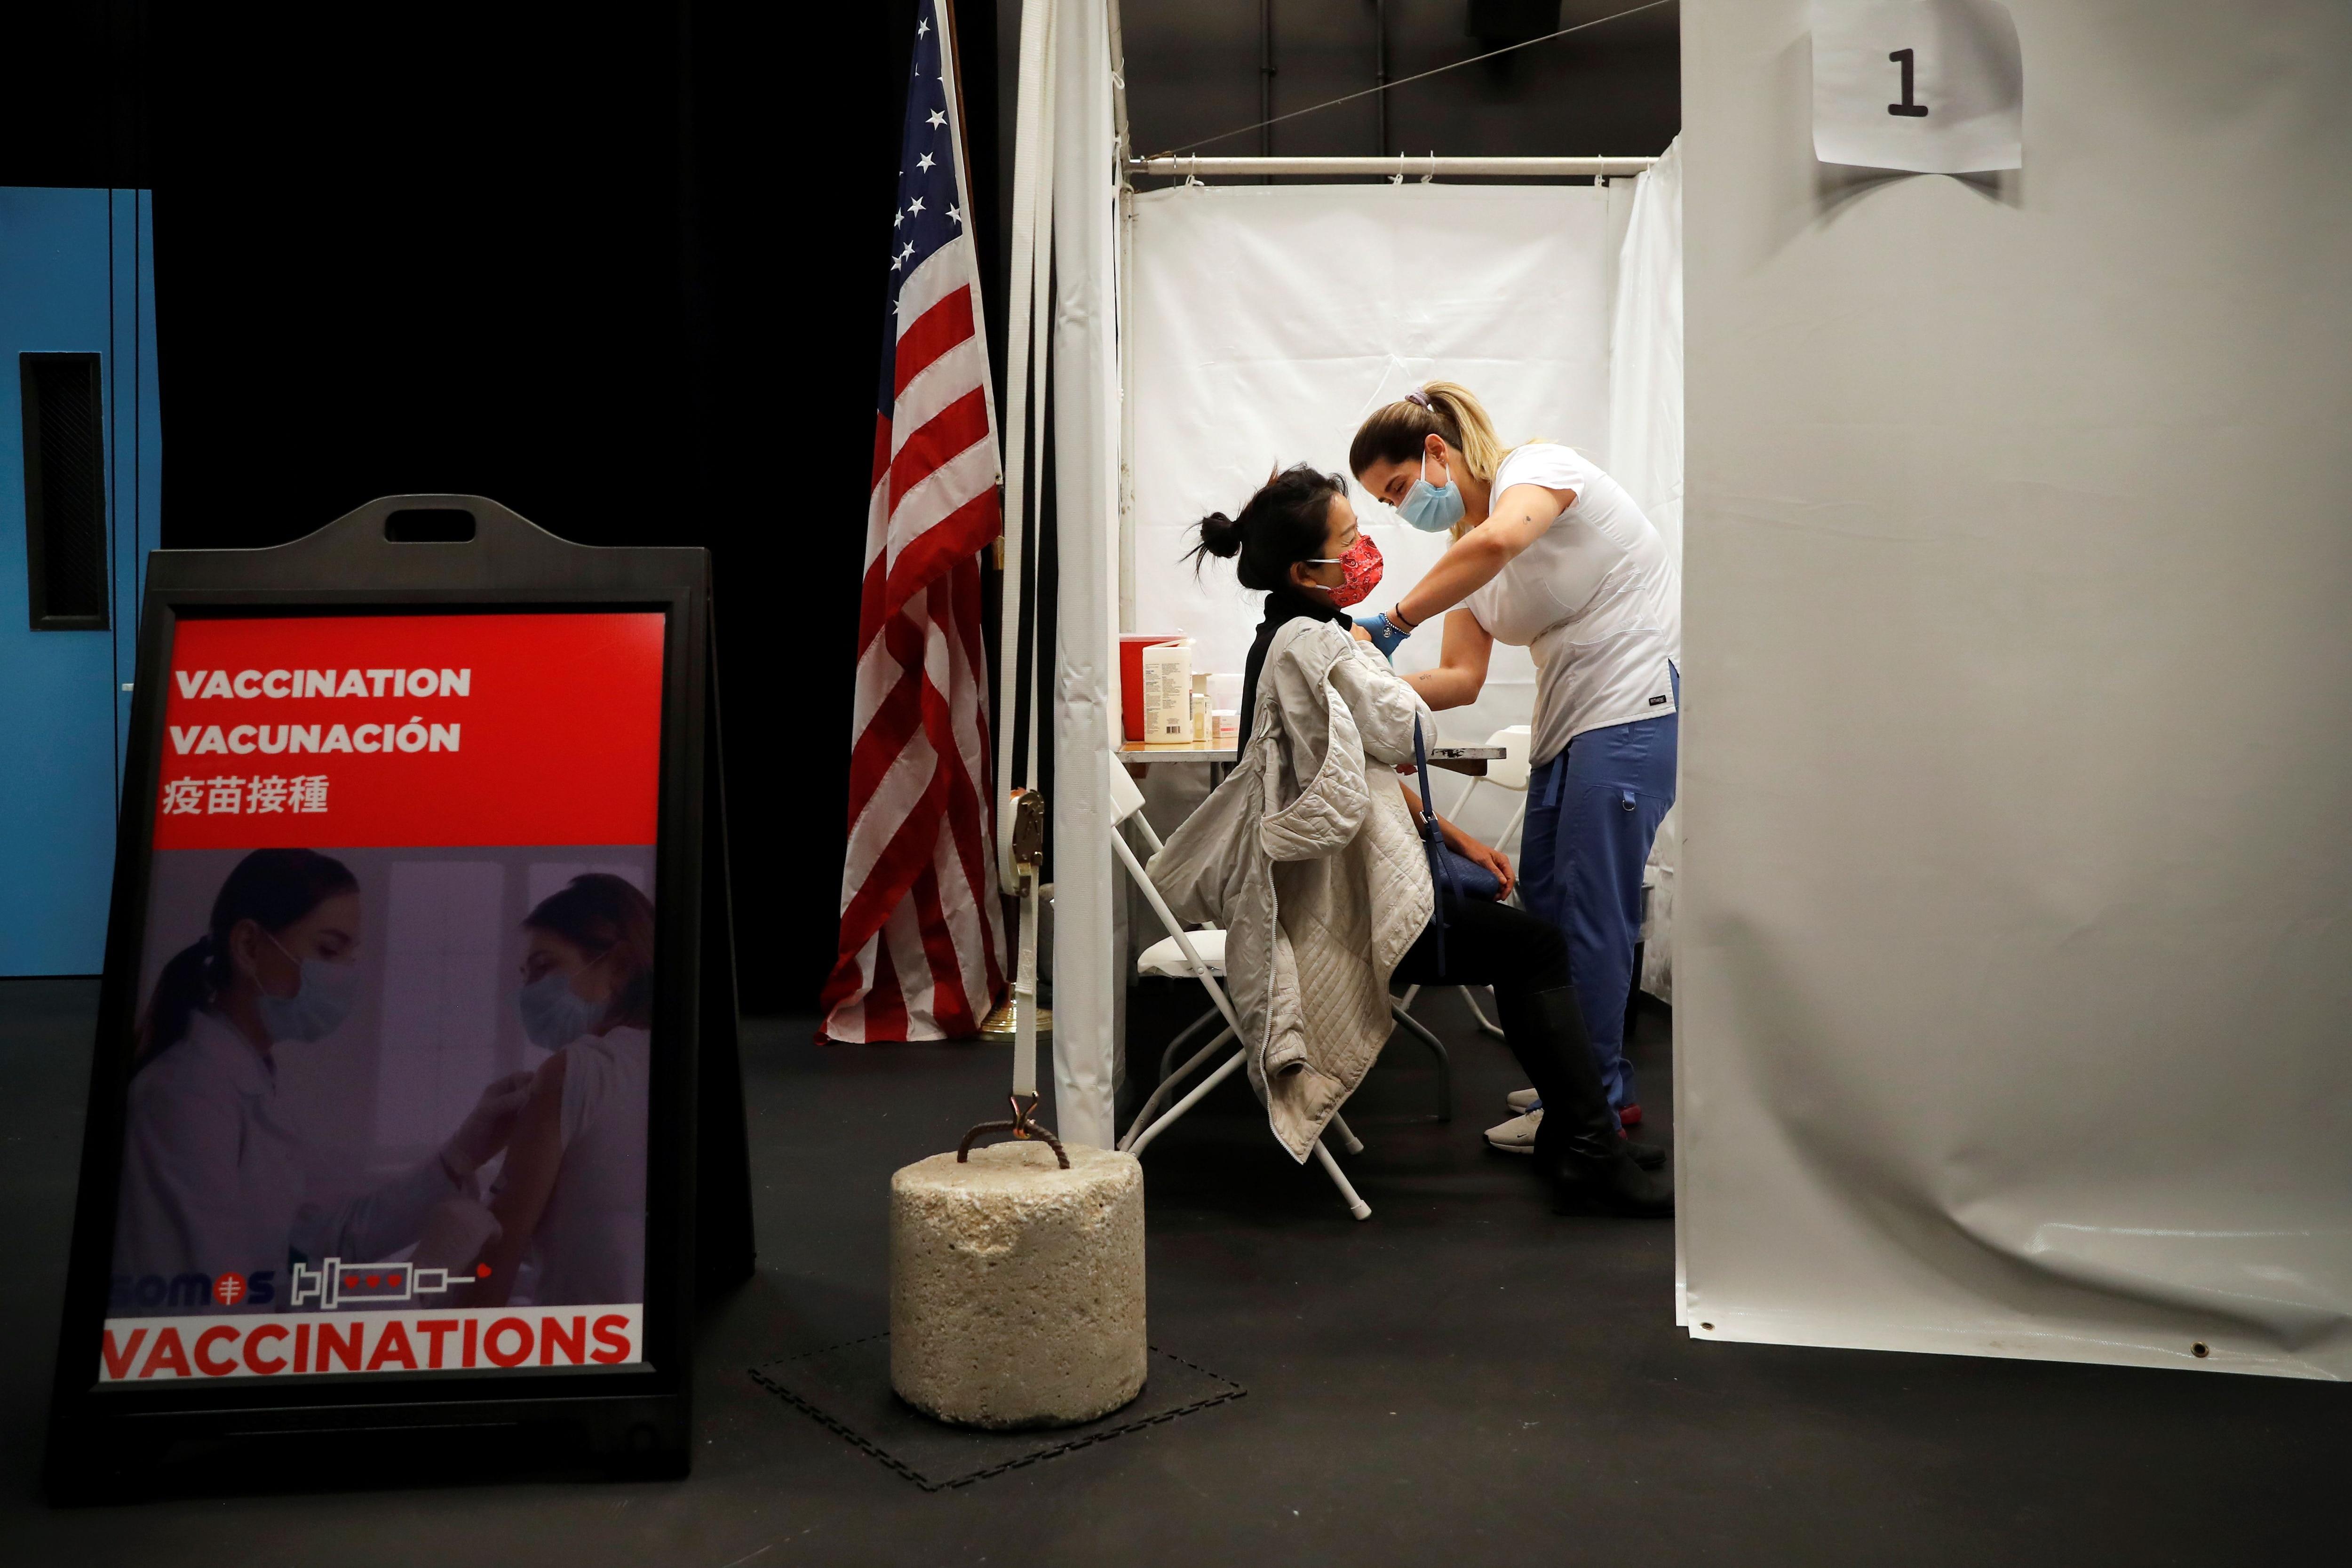 Un trabajador sanitario administra una inyección de la vacuna Moderna COVID-19 a una mujer en un centro de vacunación emergente operado por SOMOS Community Care durante la pandemia de la enfermedad del coronavirus (COVID-19) en Manhattan en la ciudad de Nueva York, Nueva York, Estados Unidos, 29 de enero de 2021. REUTERS